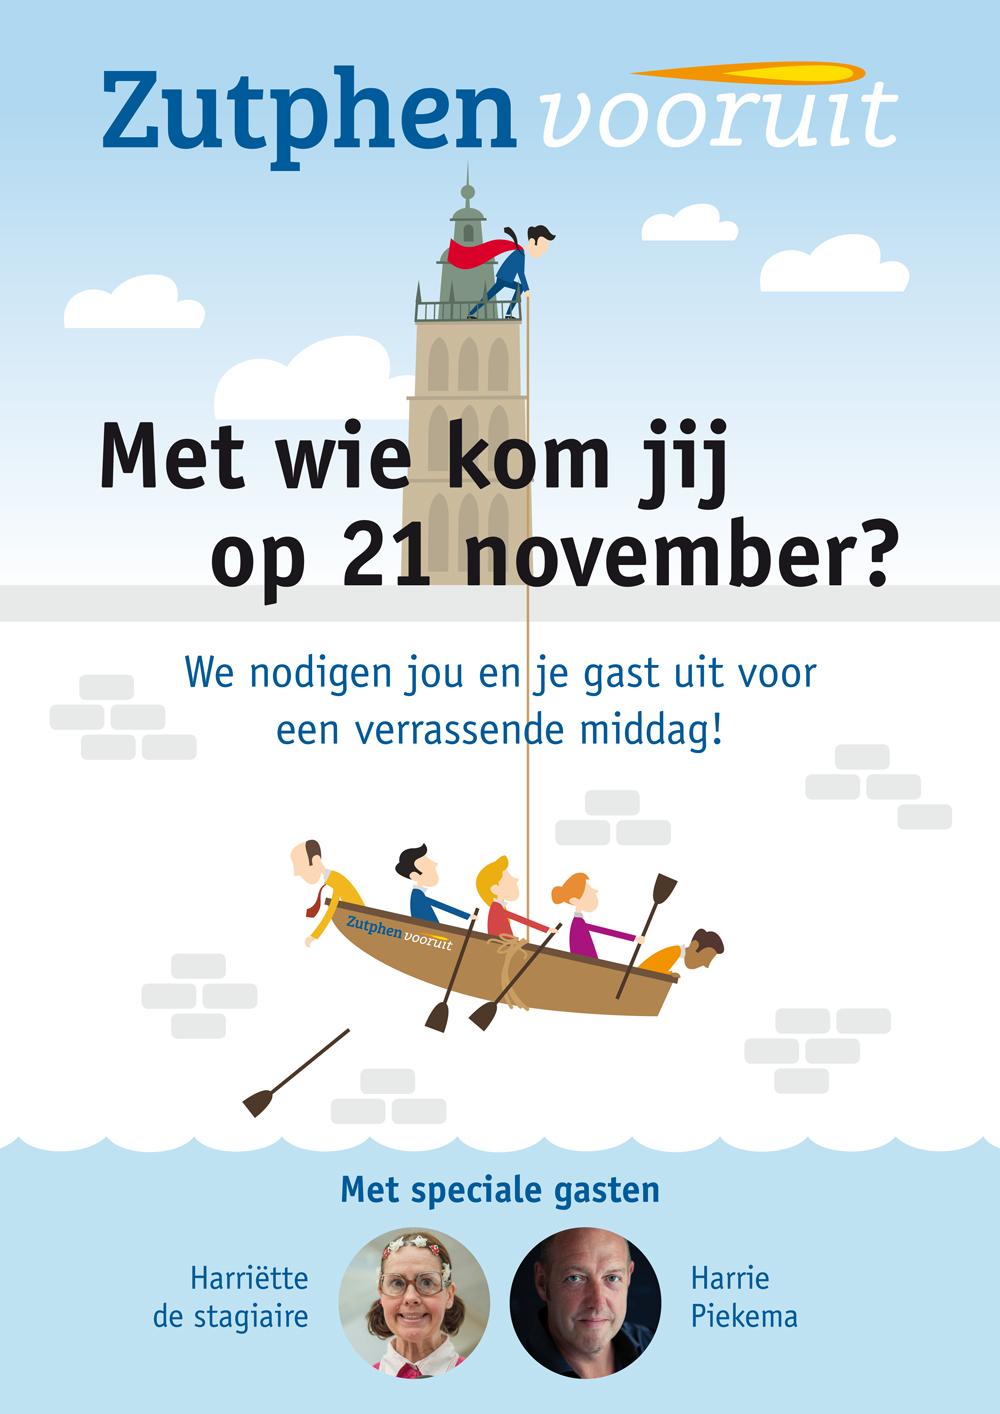 Zutphen_vooruit_poster.jpg